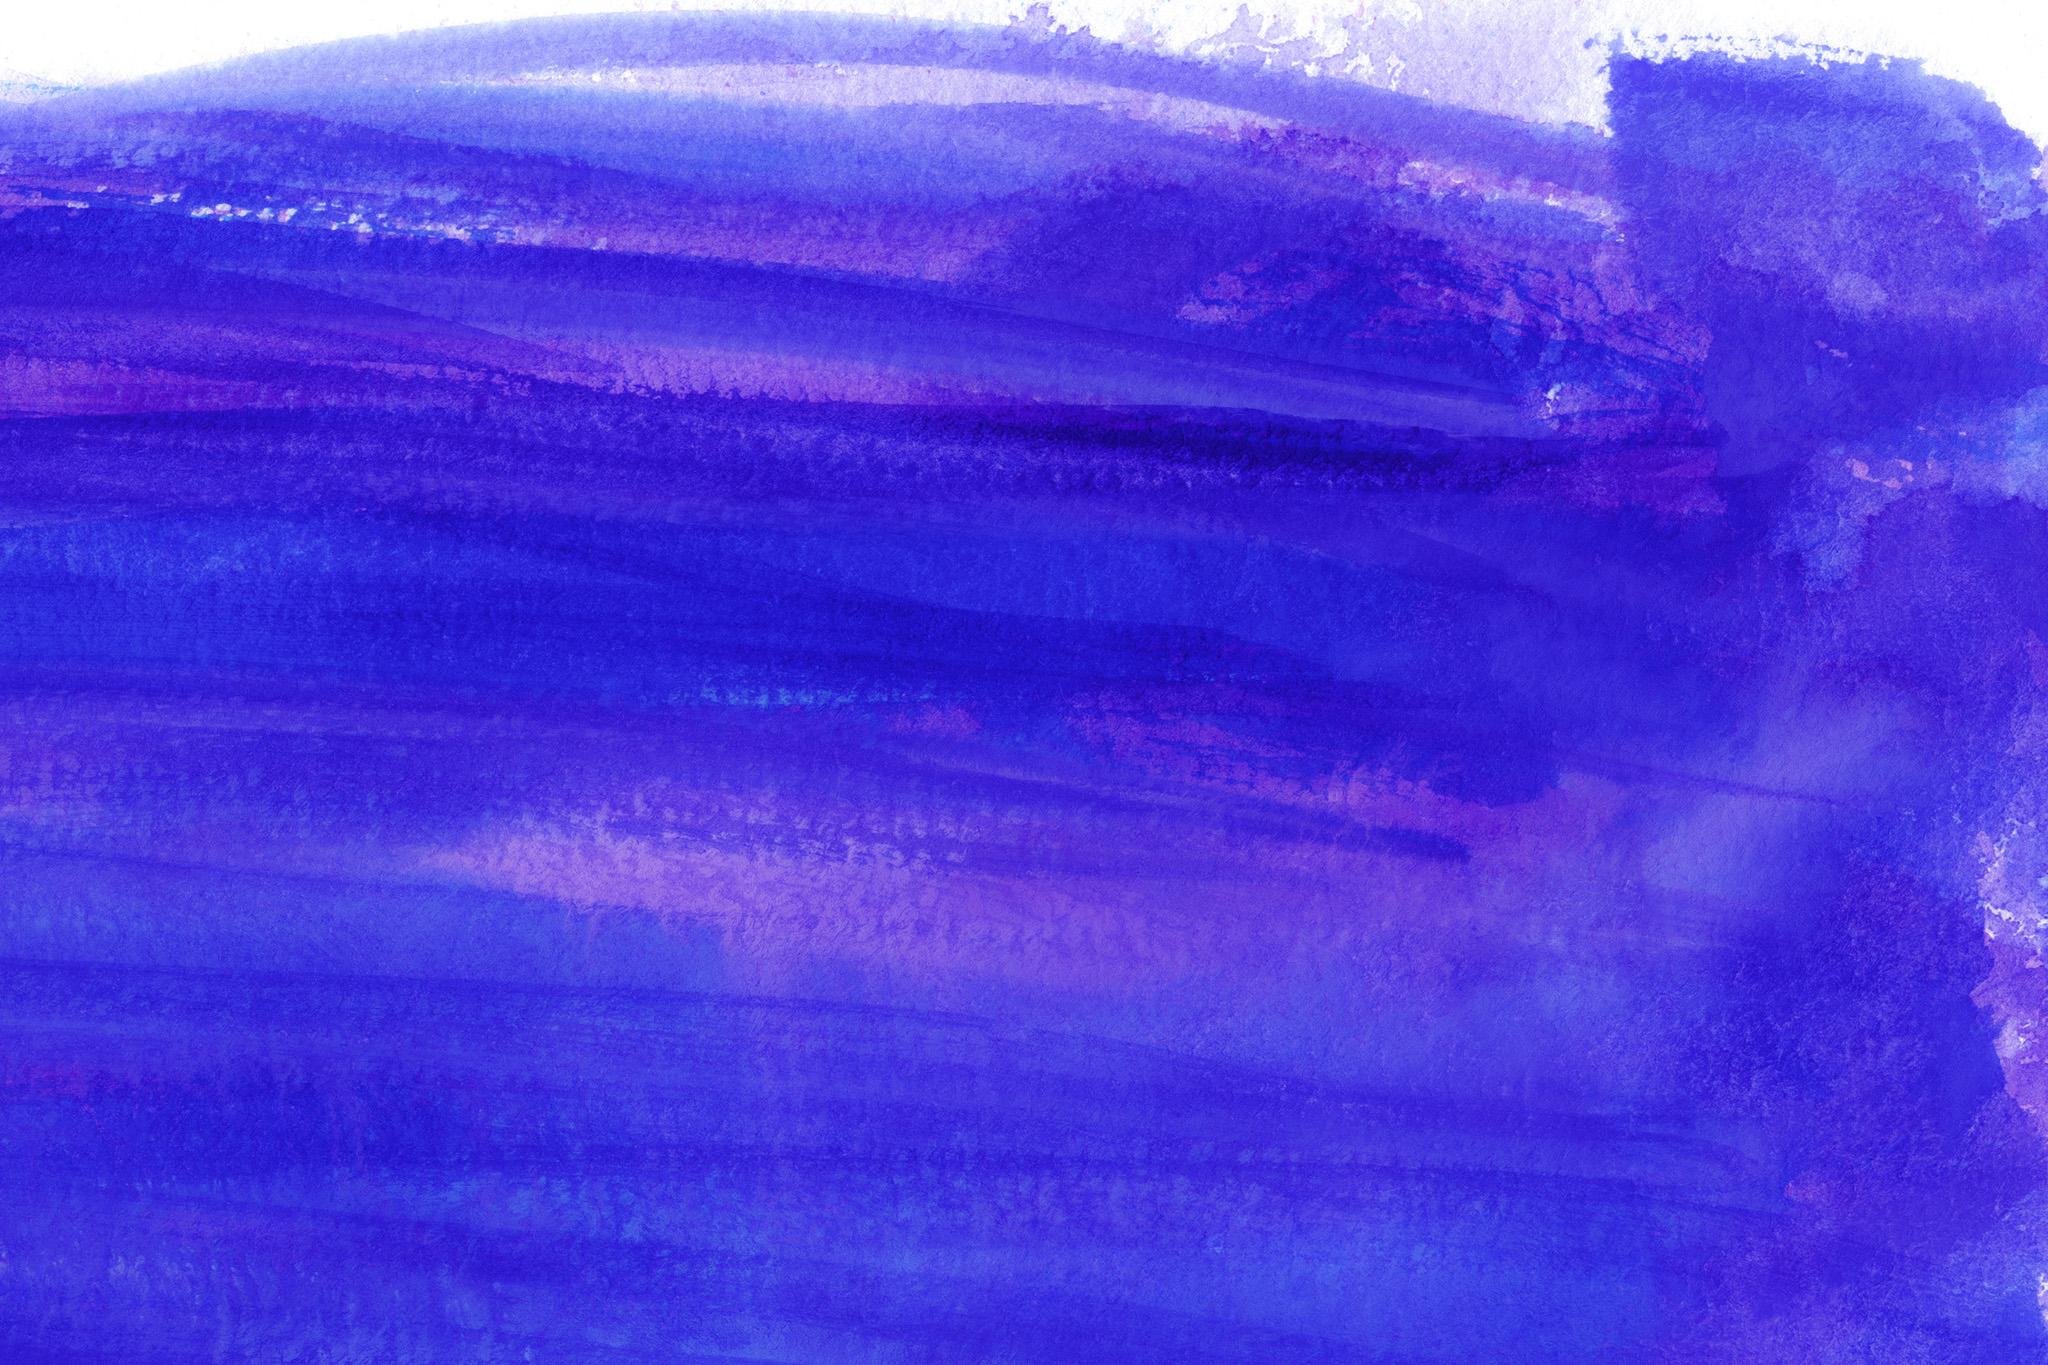 「流れるような紺色の水彩タッチ」